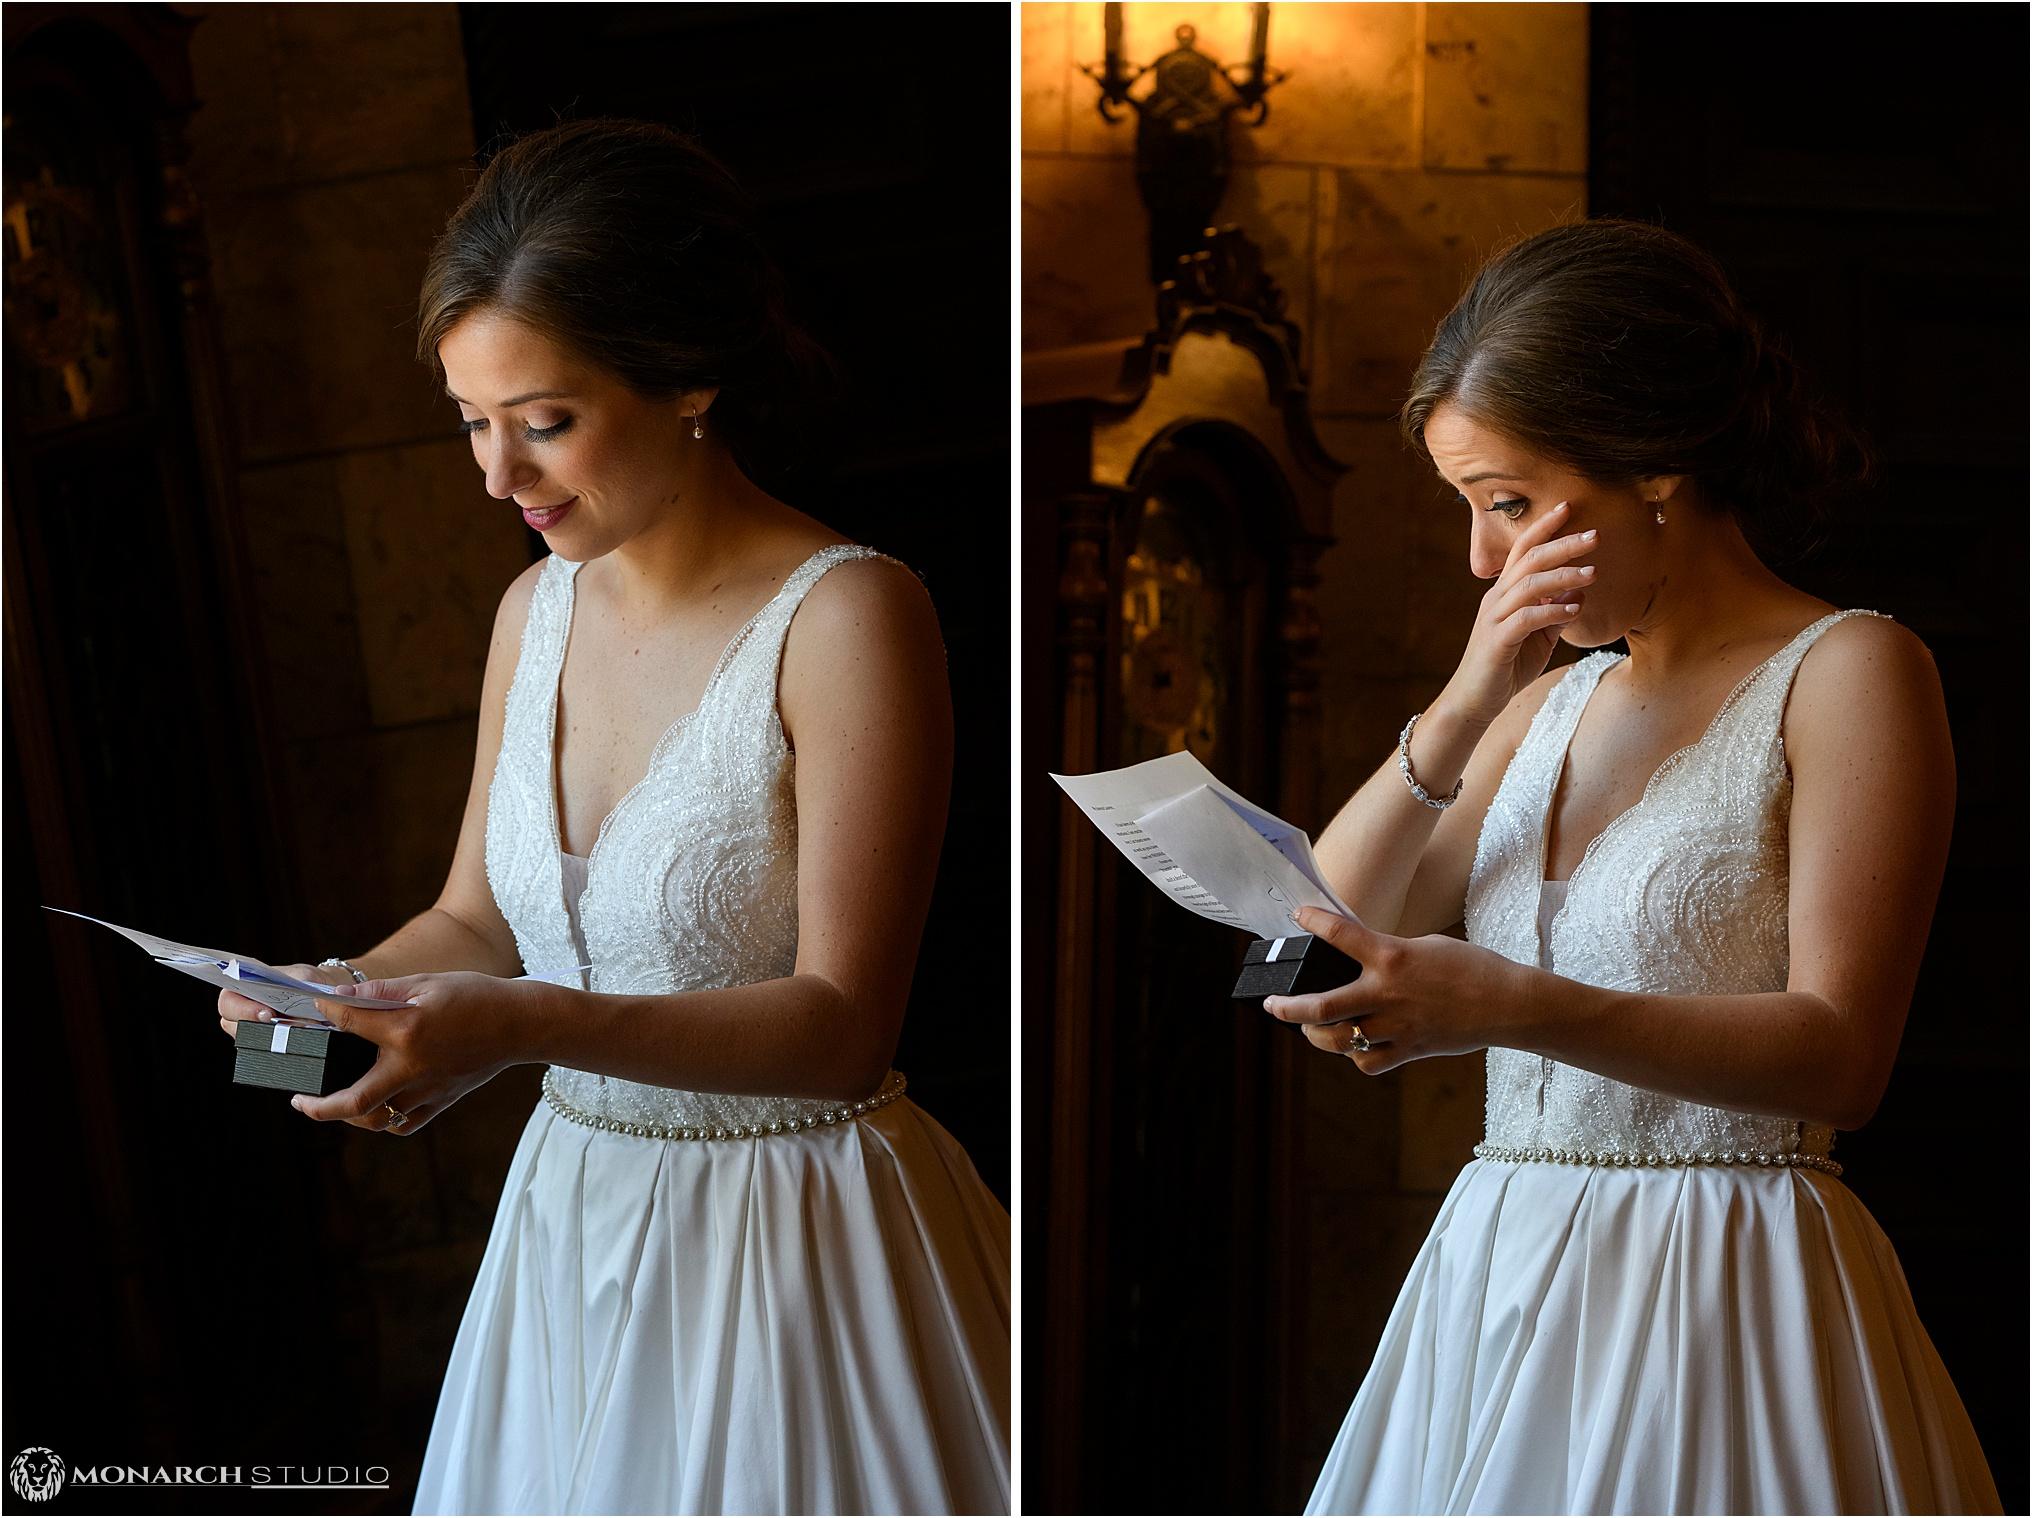 Wedding-PHotographer-in-st-augustine-2019-011.jpg